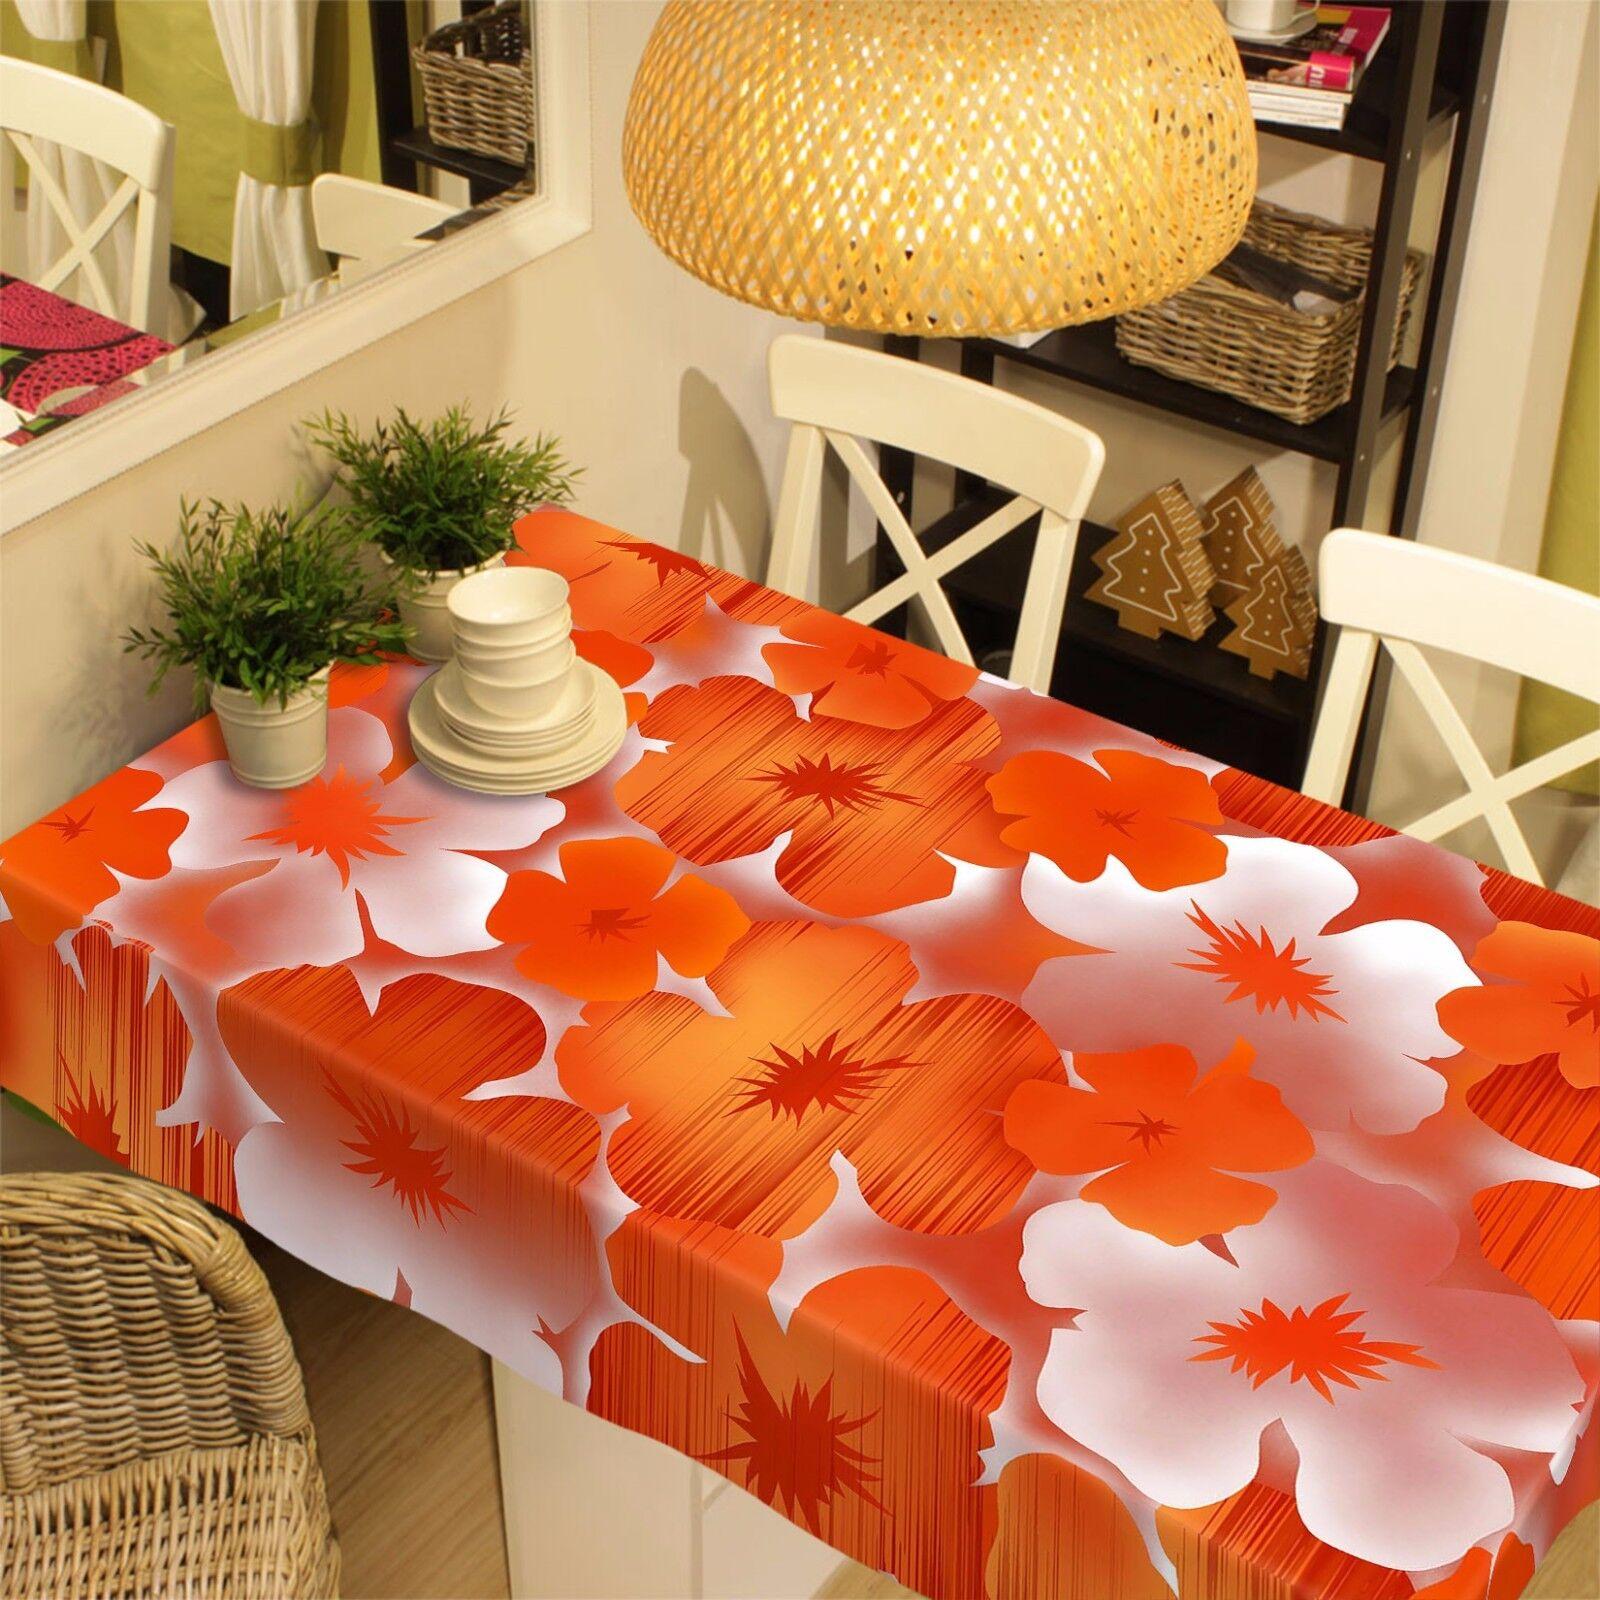 Fleurs 3D 712 Nappe Table Cover Cloth Fête D'Anniversaire événement AJ papier peint UK